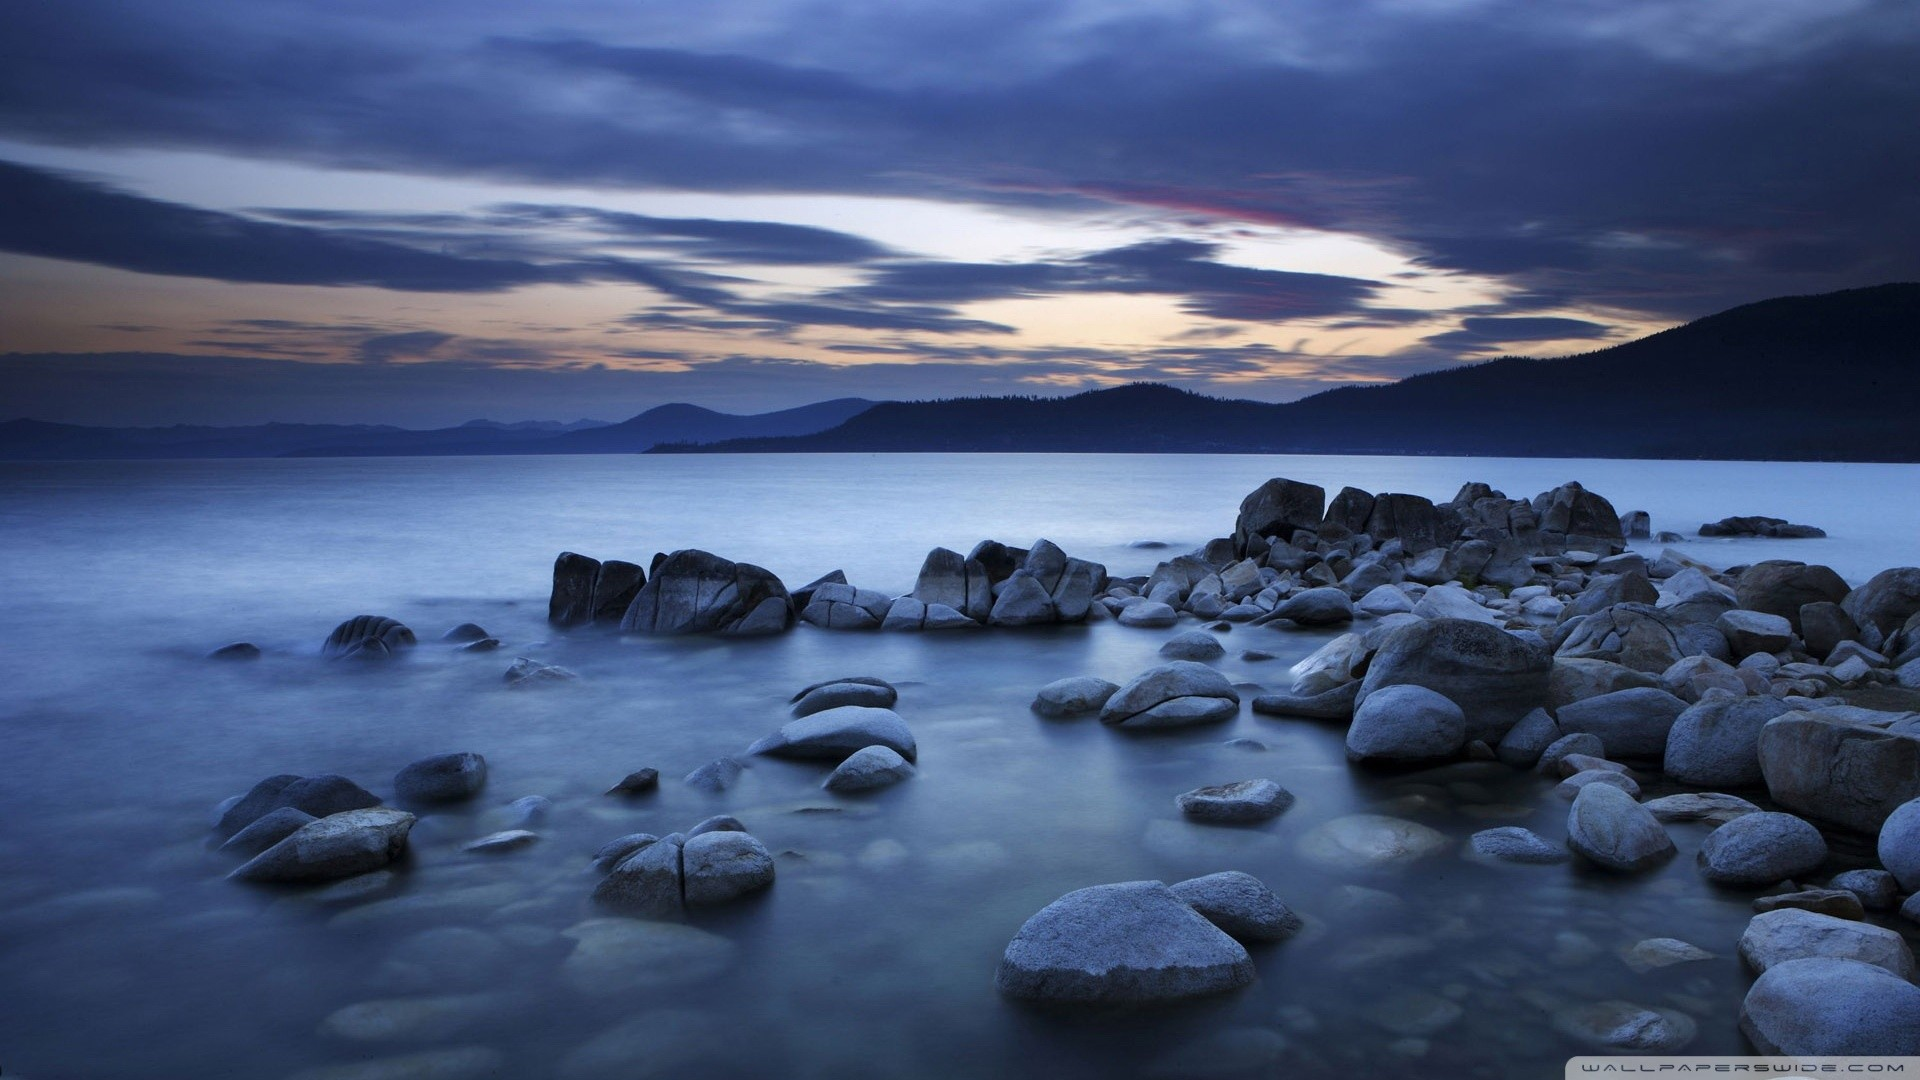 Rocks Water Wallpaper Water Rocks Evening